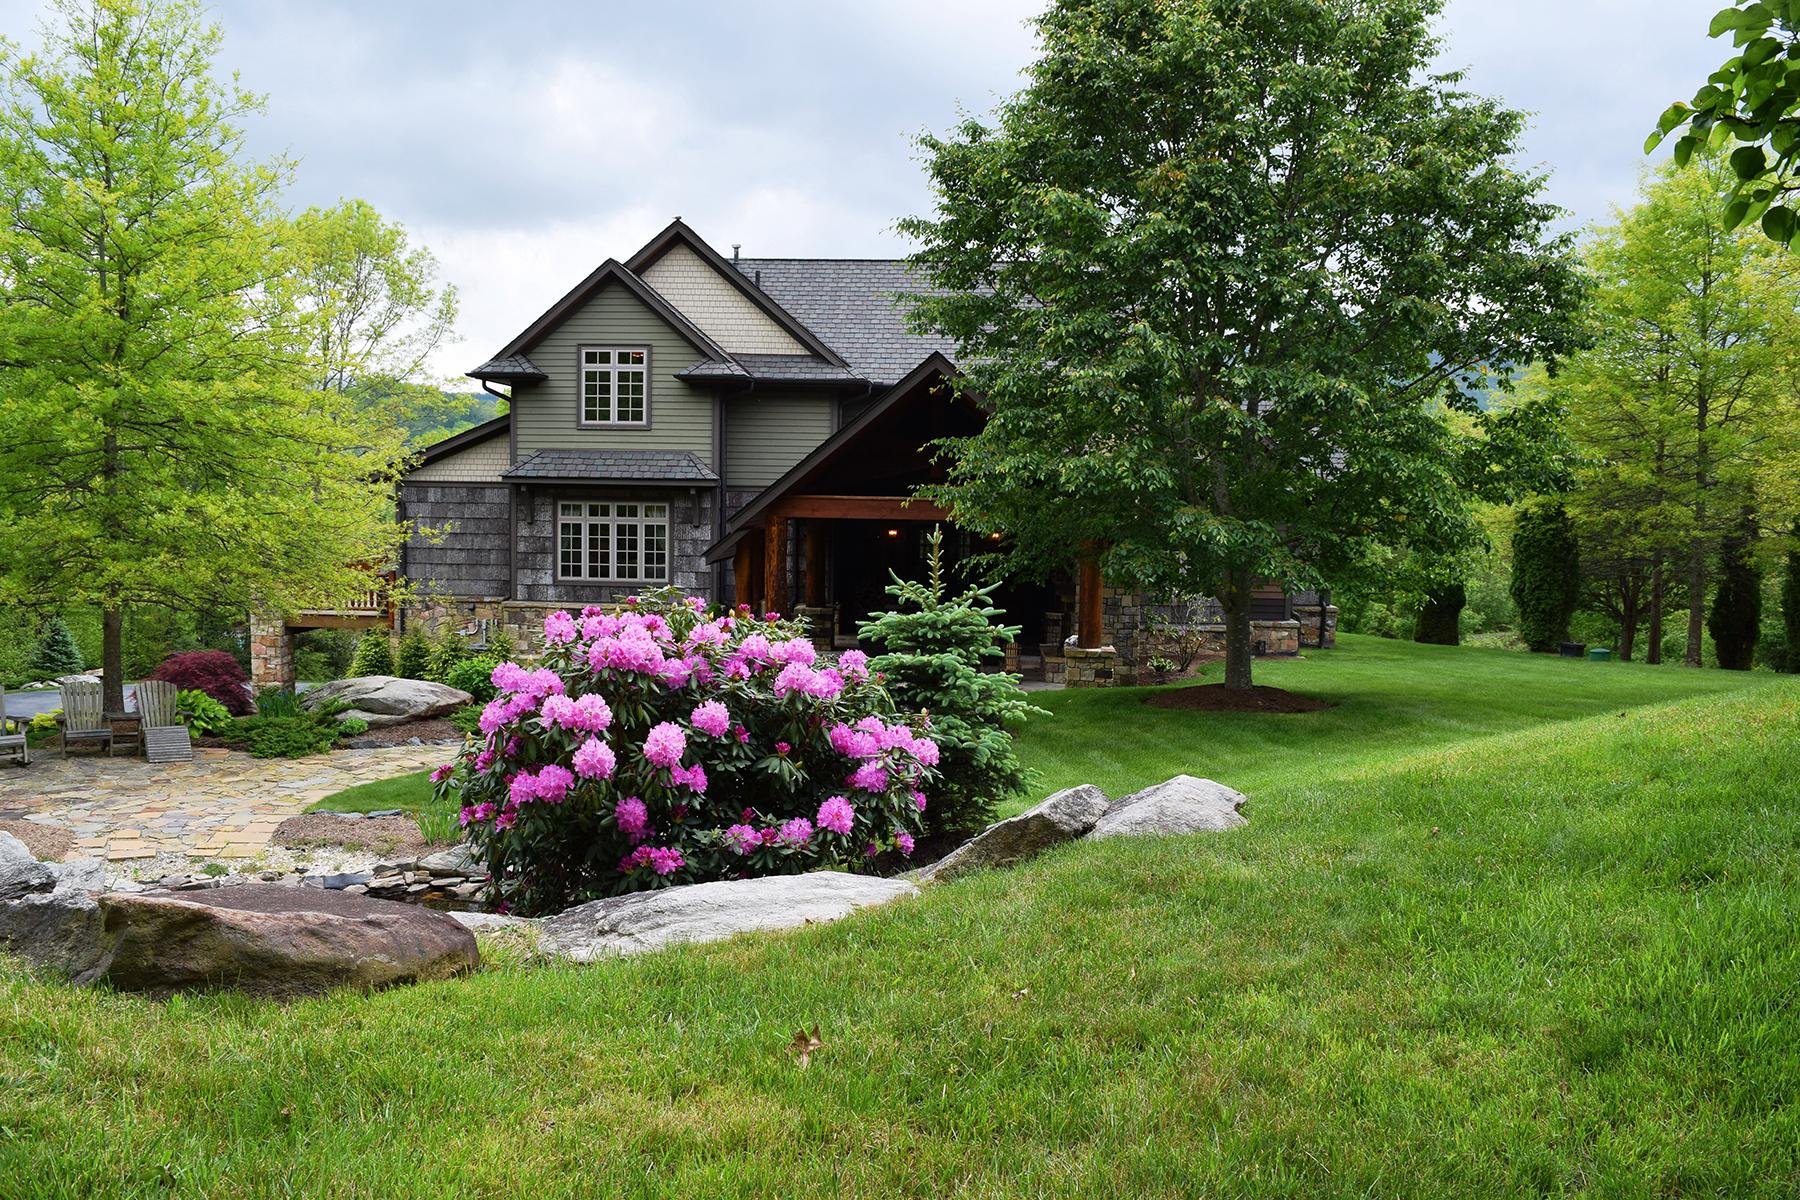 Maison unifamiliale pour l à vendre à BANNER ELK - THE FARM AT BANNER ELK 799 Farm Loop Rd, The Farm At Banner Elk, Banner Elk, Carolina Du Nord, 28604 États-Unis